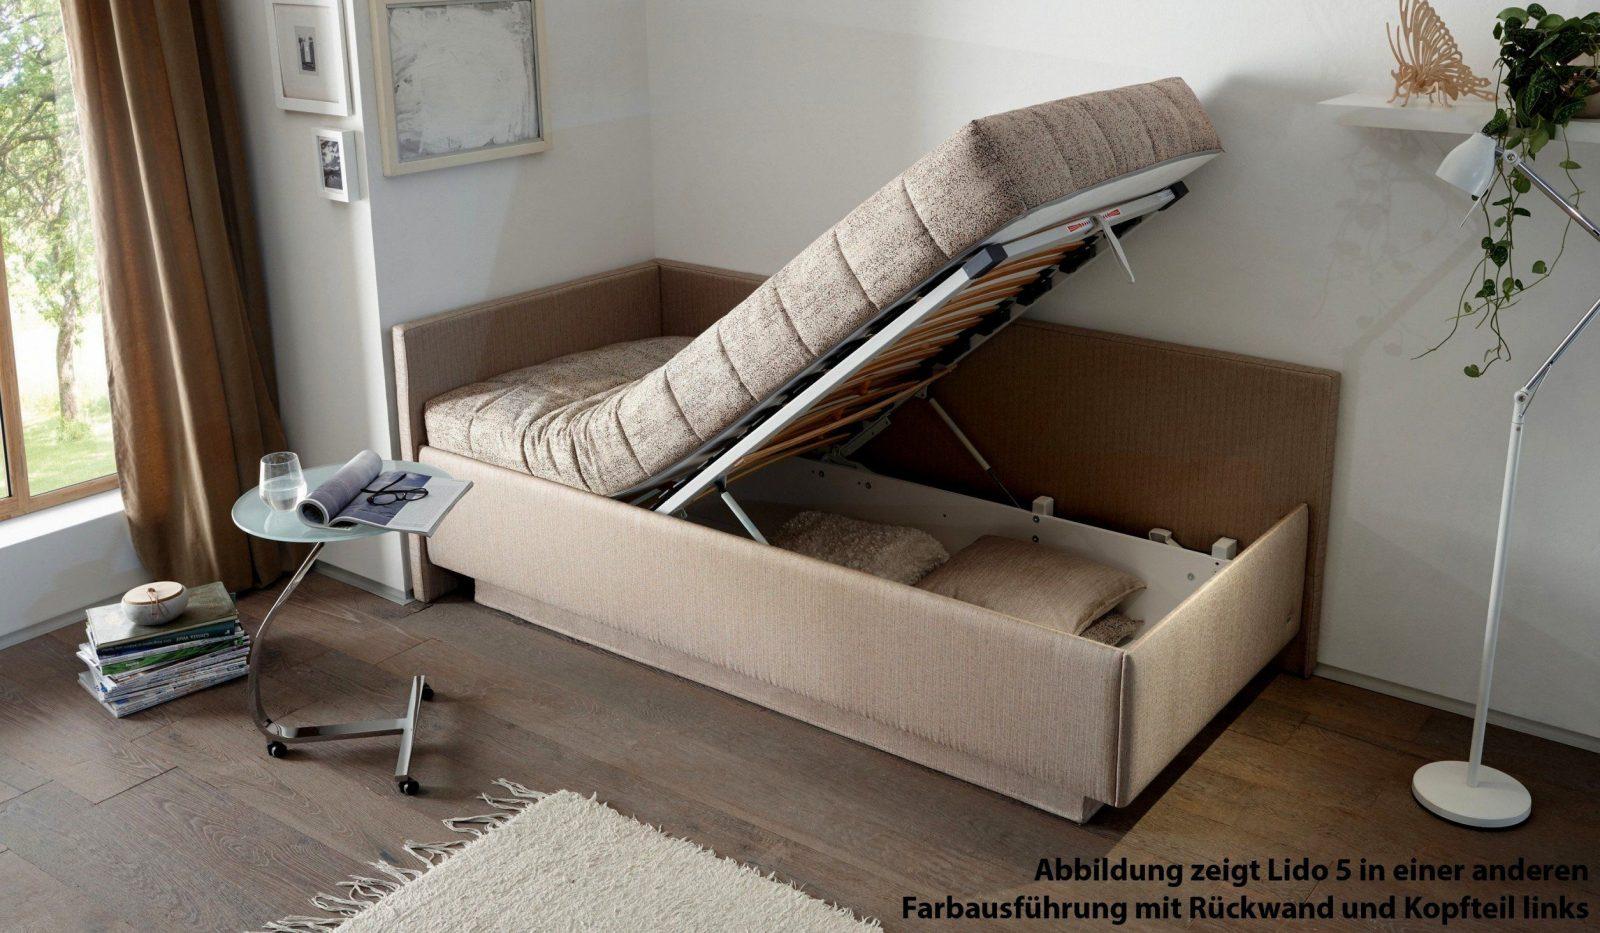 Schöne Stühle Beziehen Lassen Enorm Couch Neu Beziehen Sofa Kosten von Couch Neu Beziehen Lassen Kosten Photo